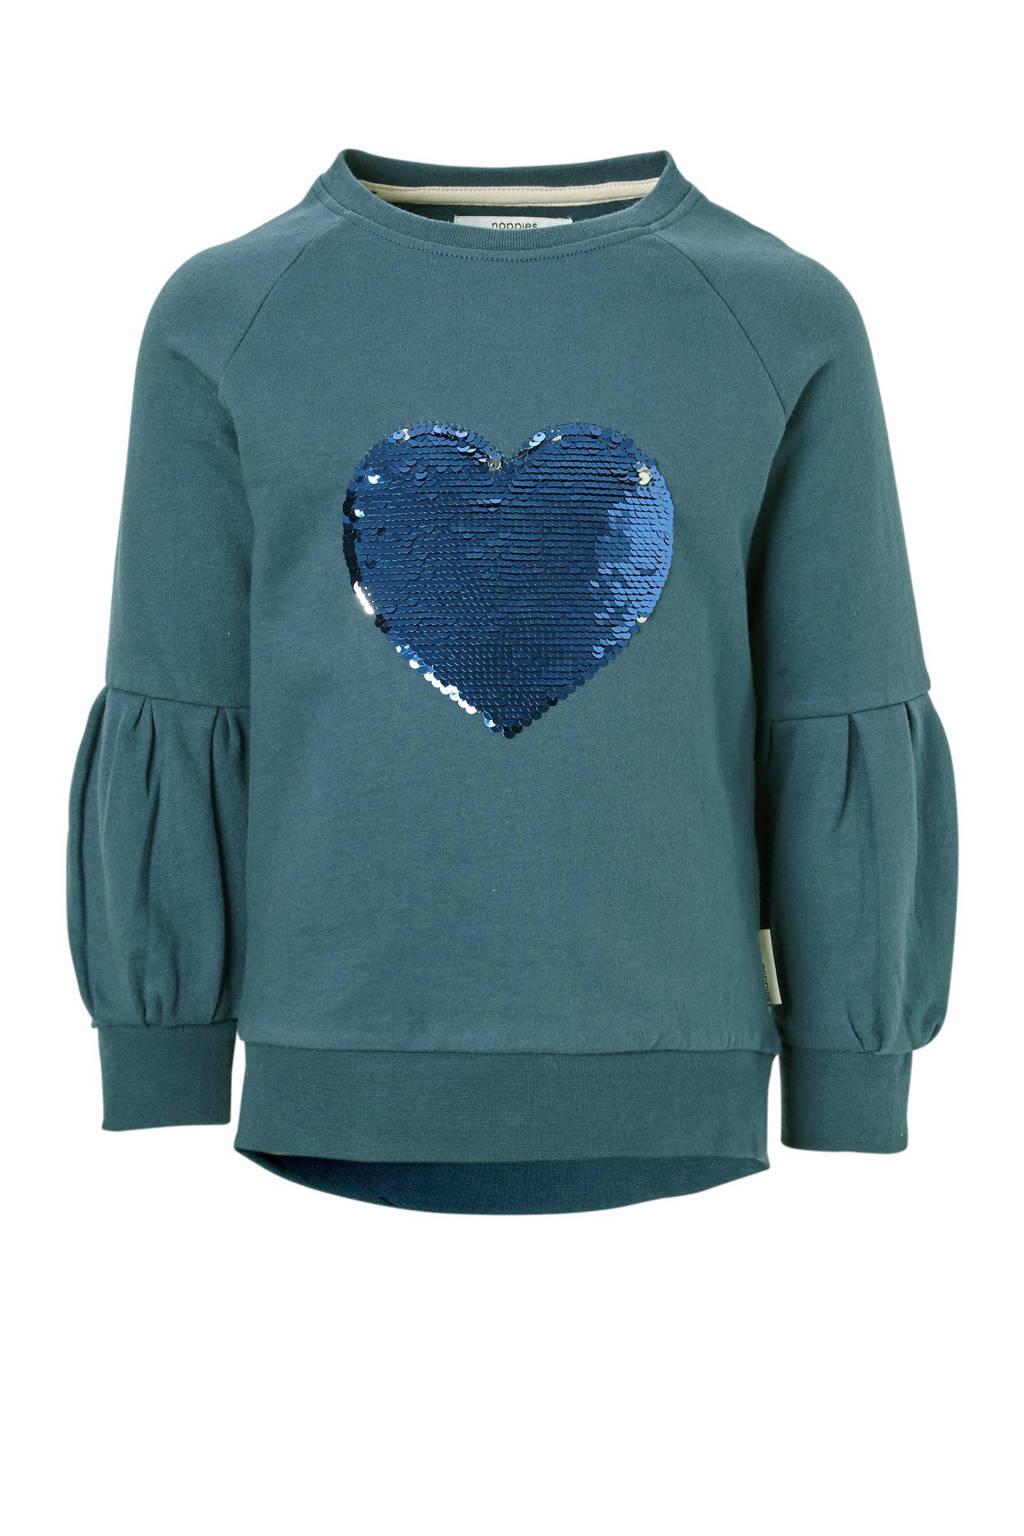 Noppies sweater Wethersfield met omkeerbare pailletten, Petrol/blauw/zilver